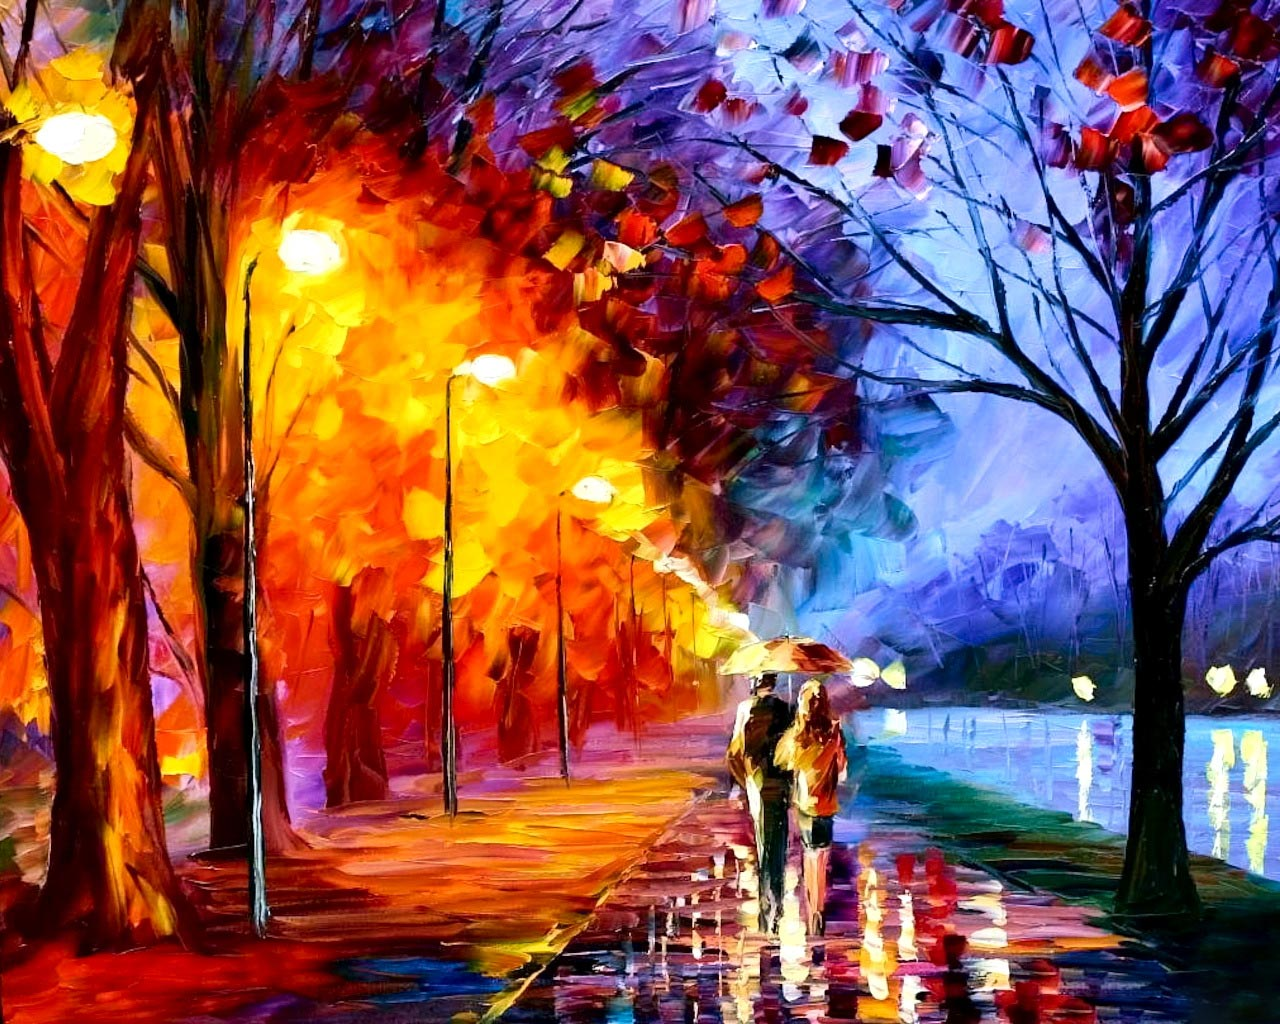 paint wallpapers - wallpapersafari